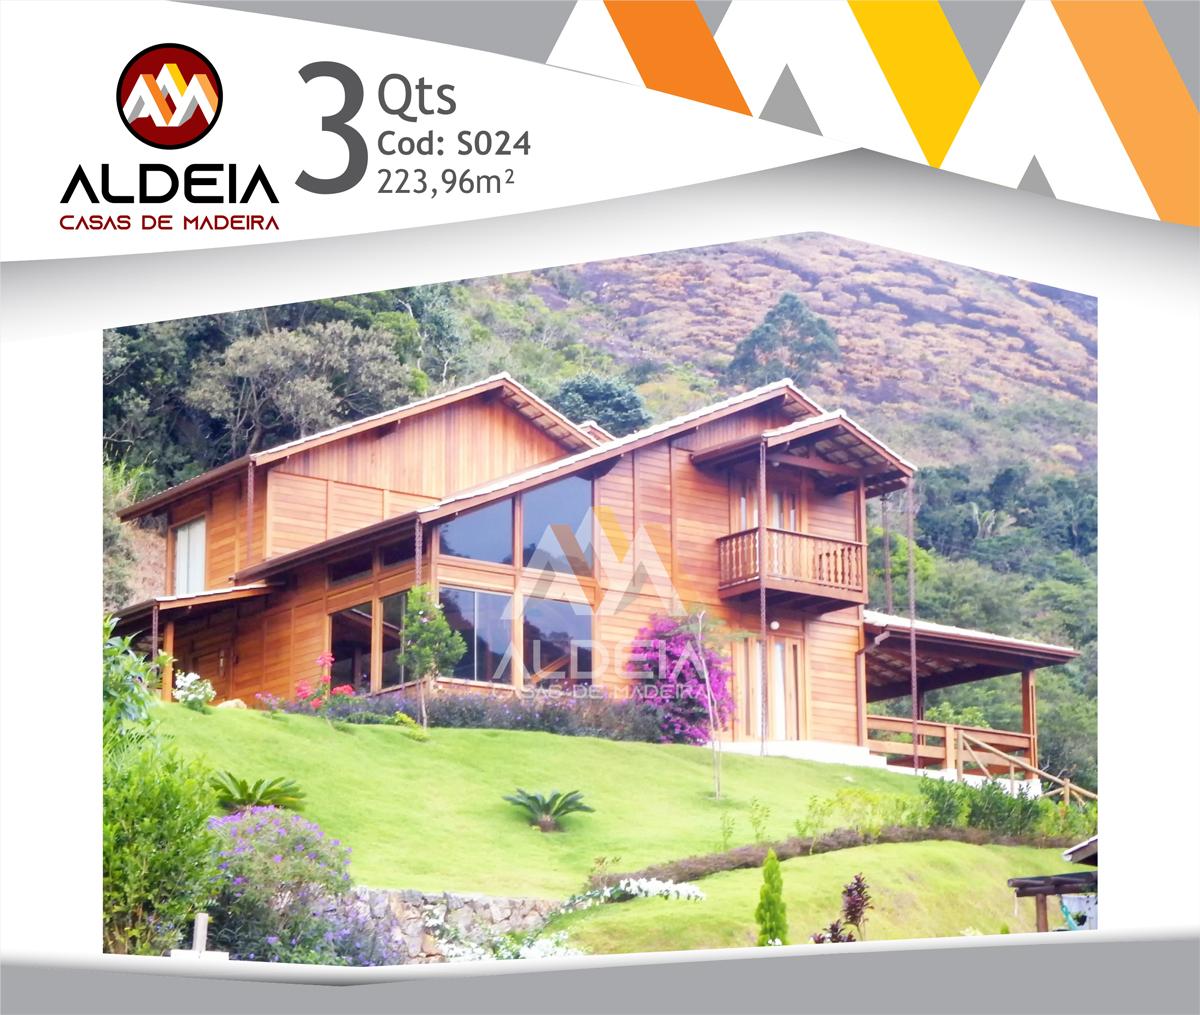 aldeia-casas-madeira-fachada-S024